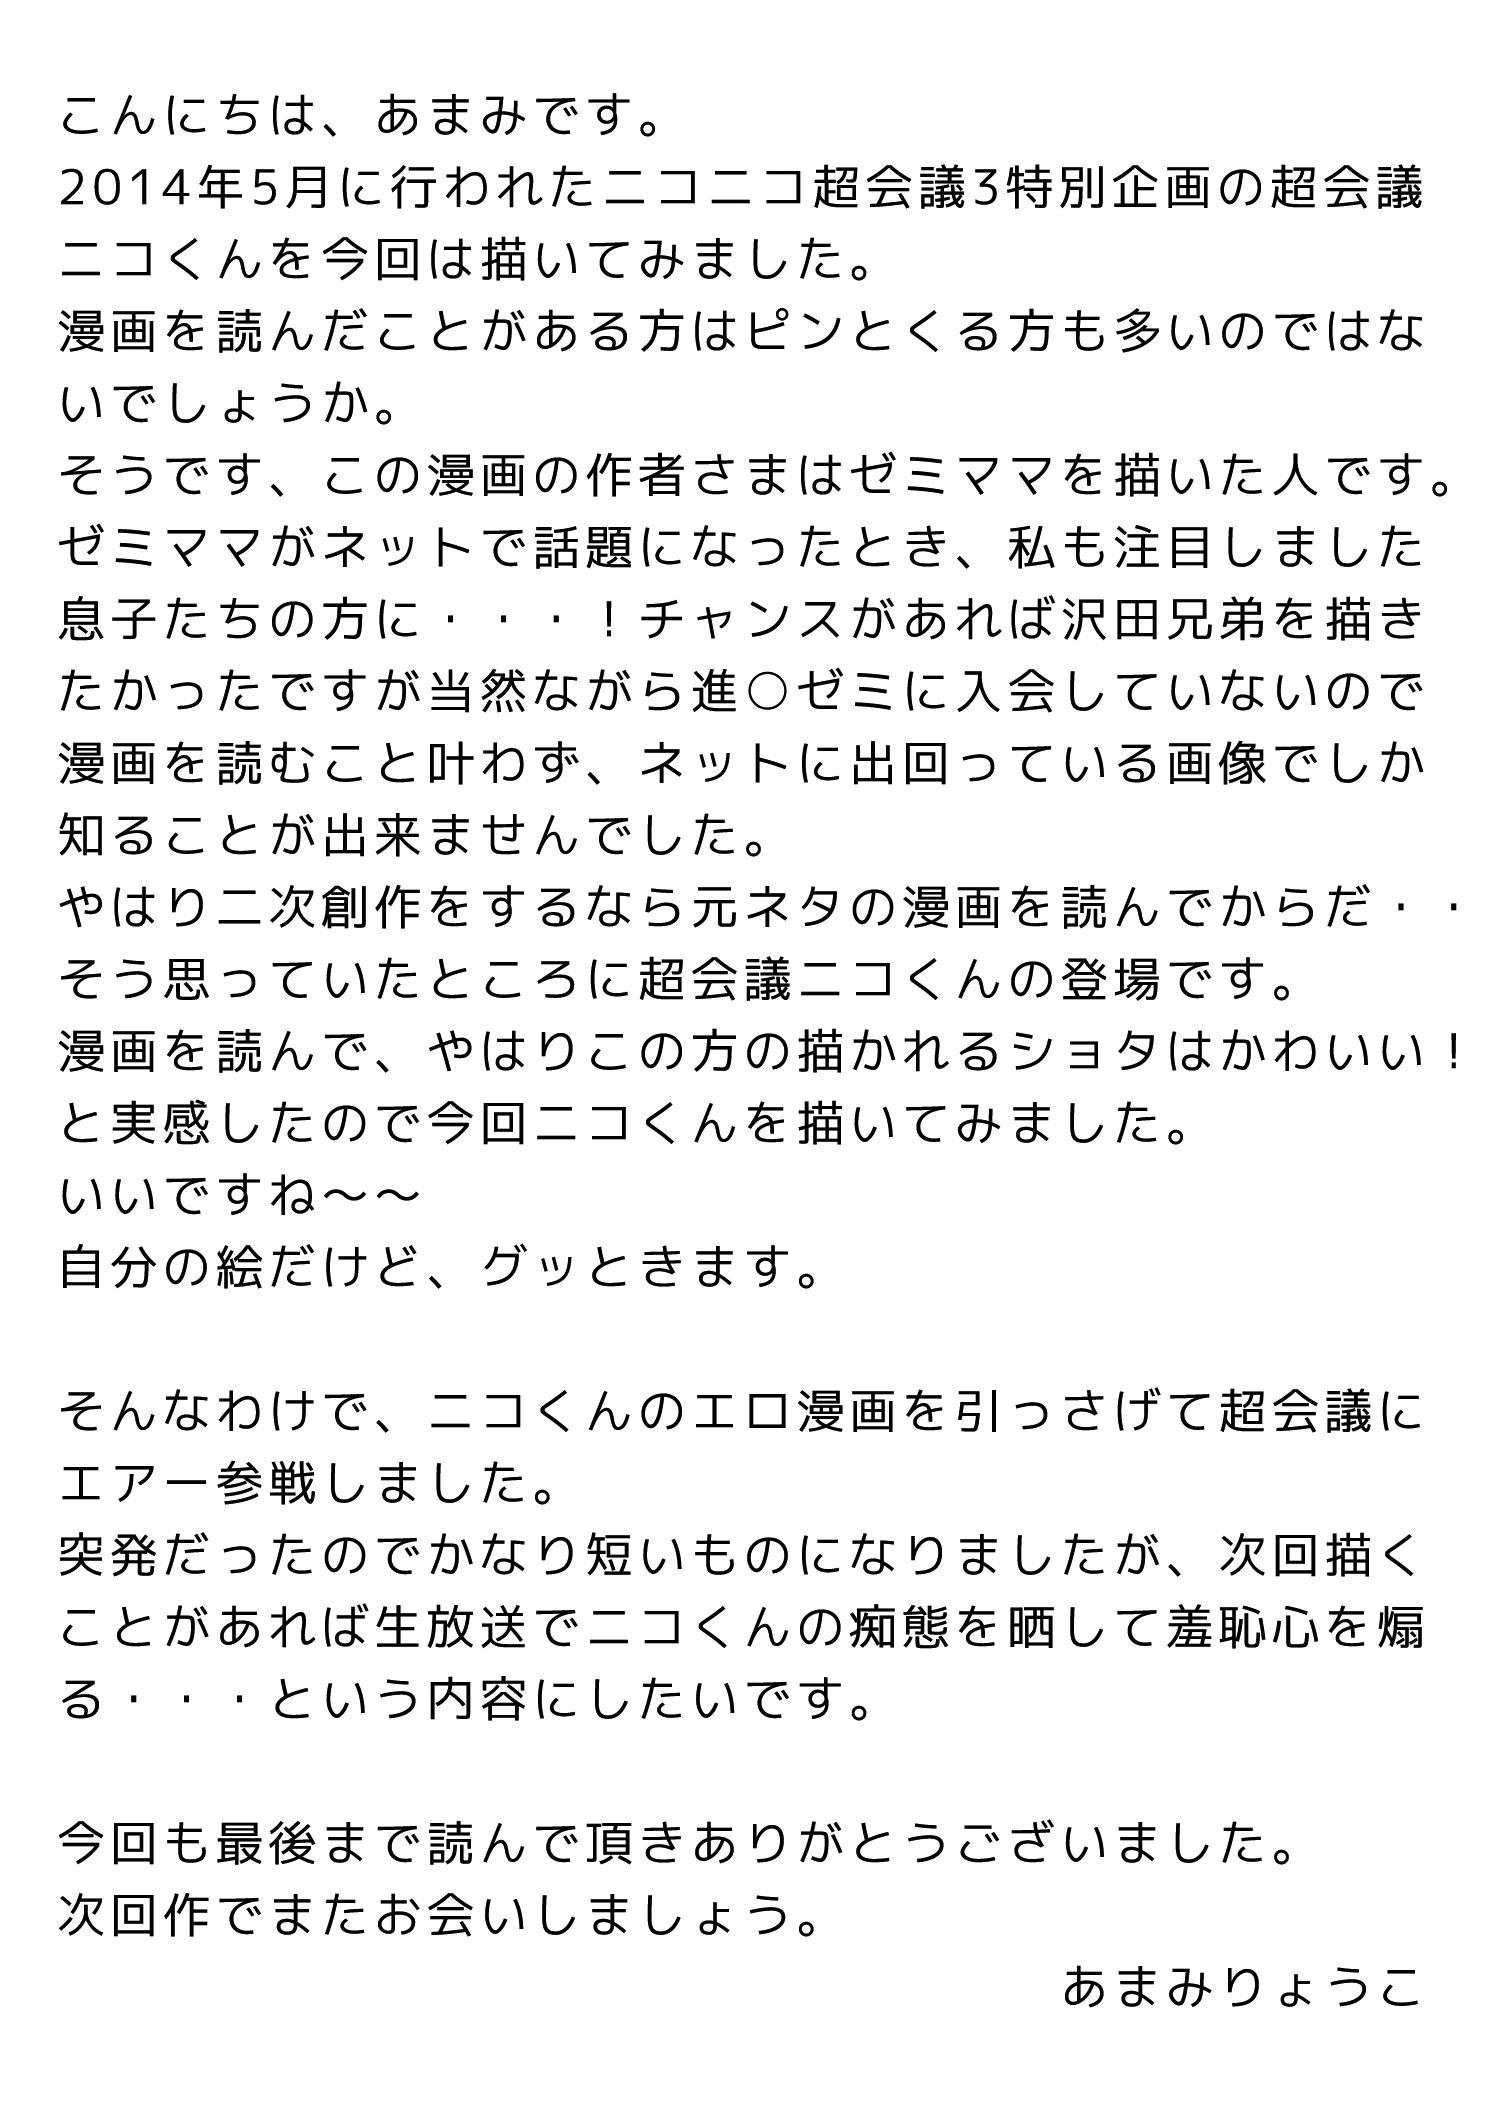 Ni: Communication 9